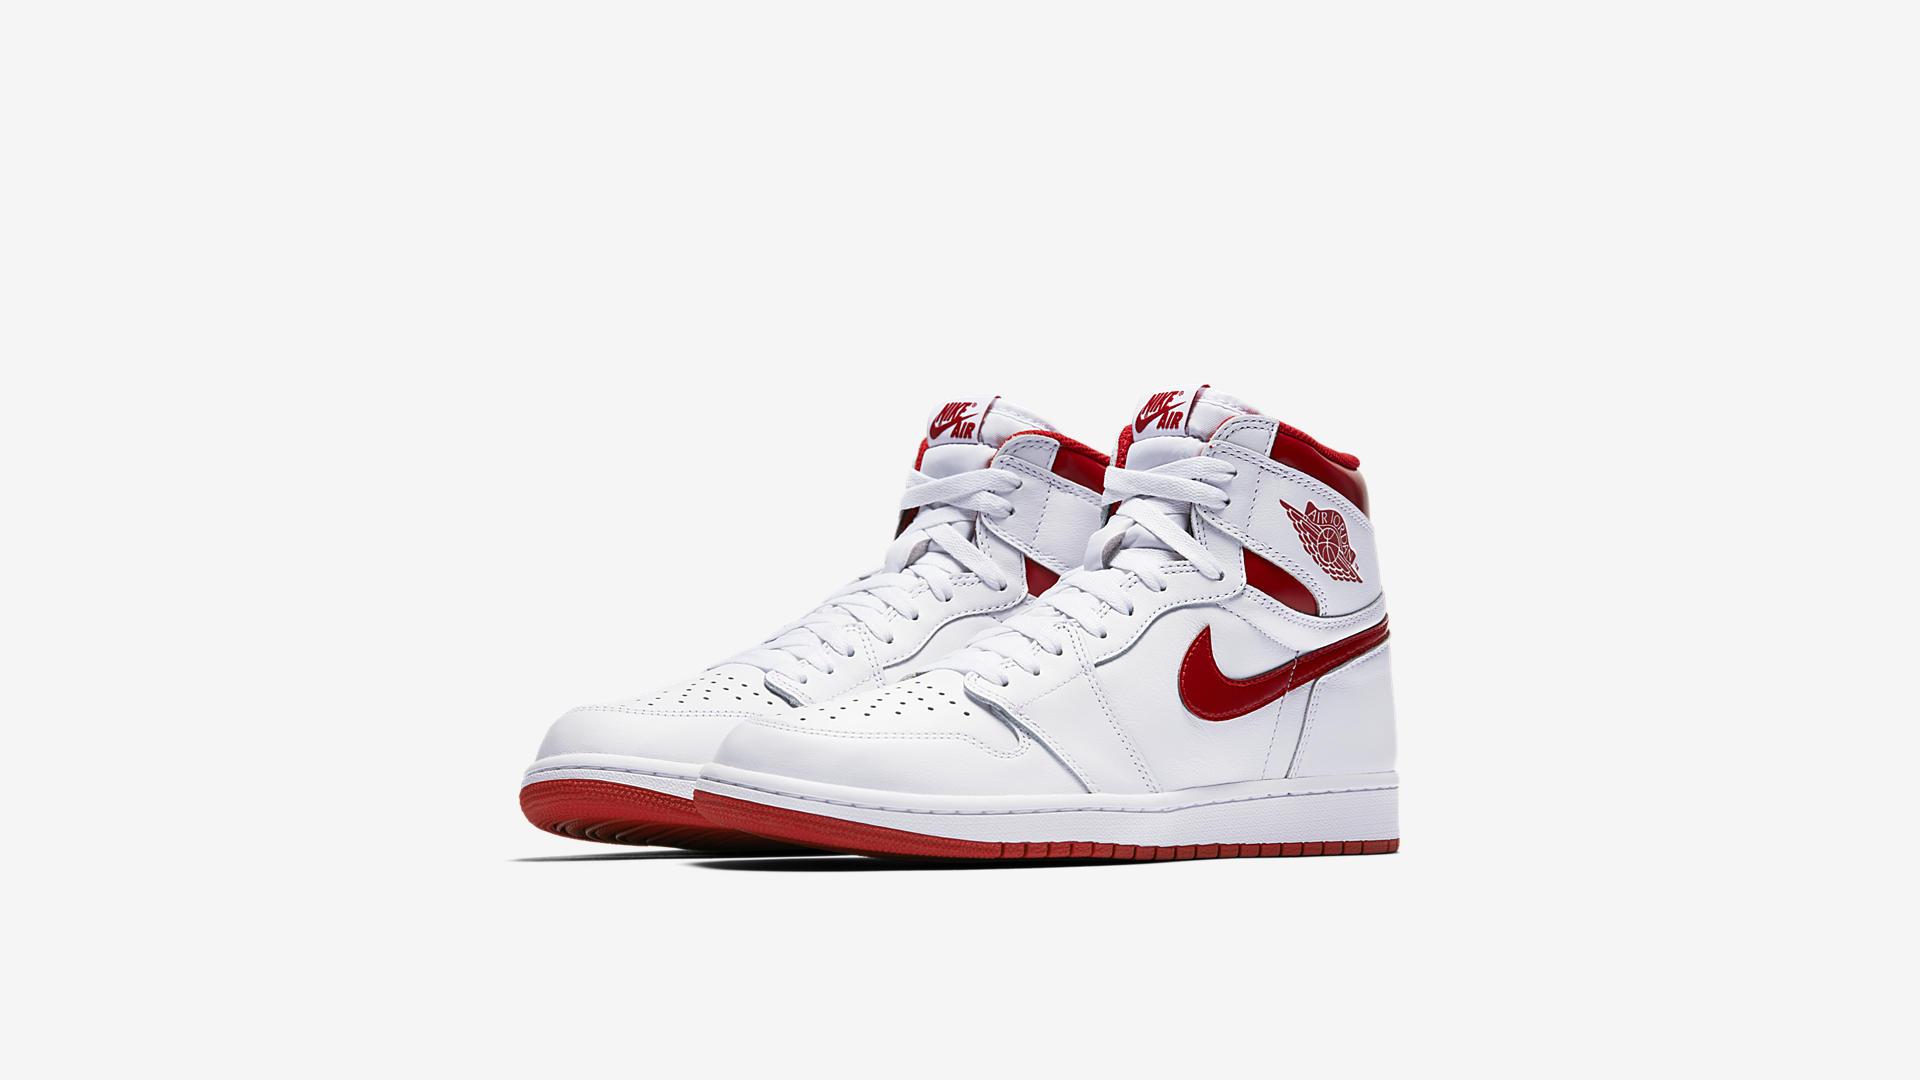 Air Jordan 1 Retro Metallic Red 555088 103 1